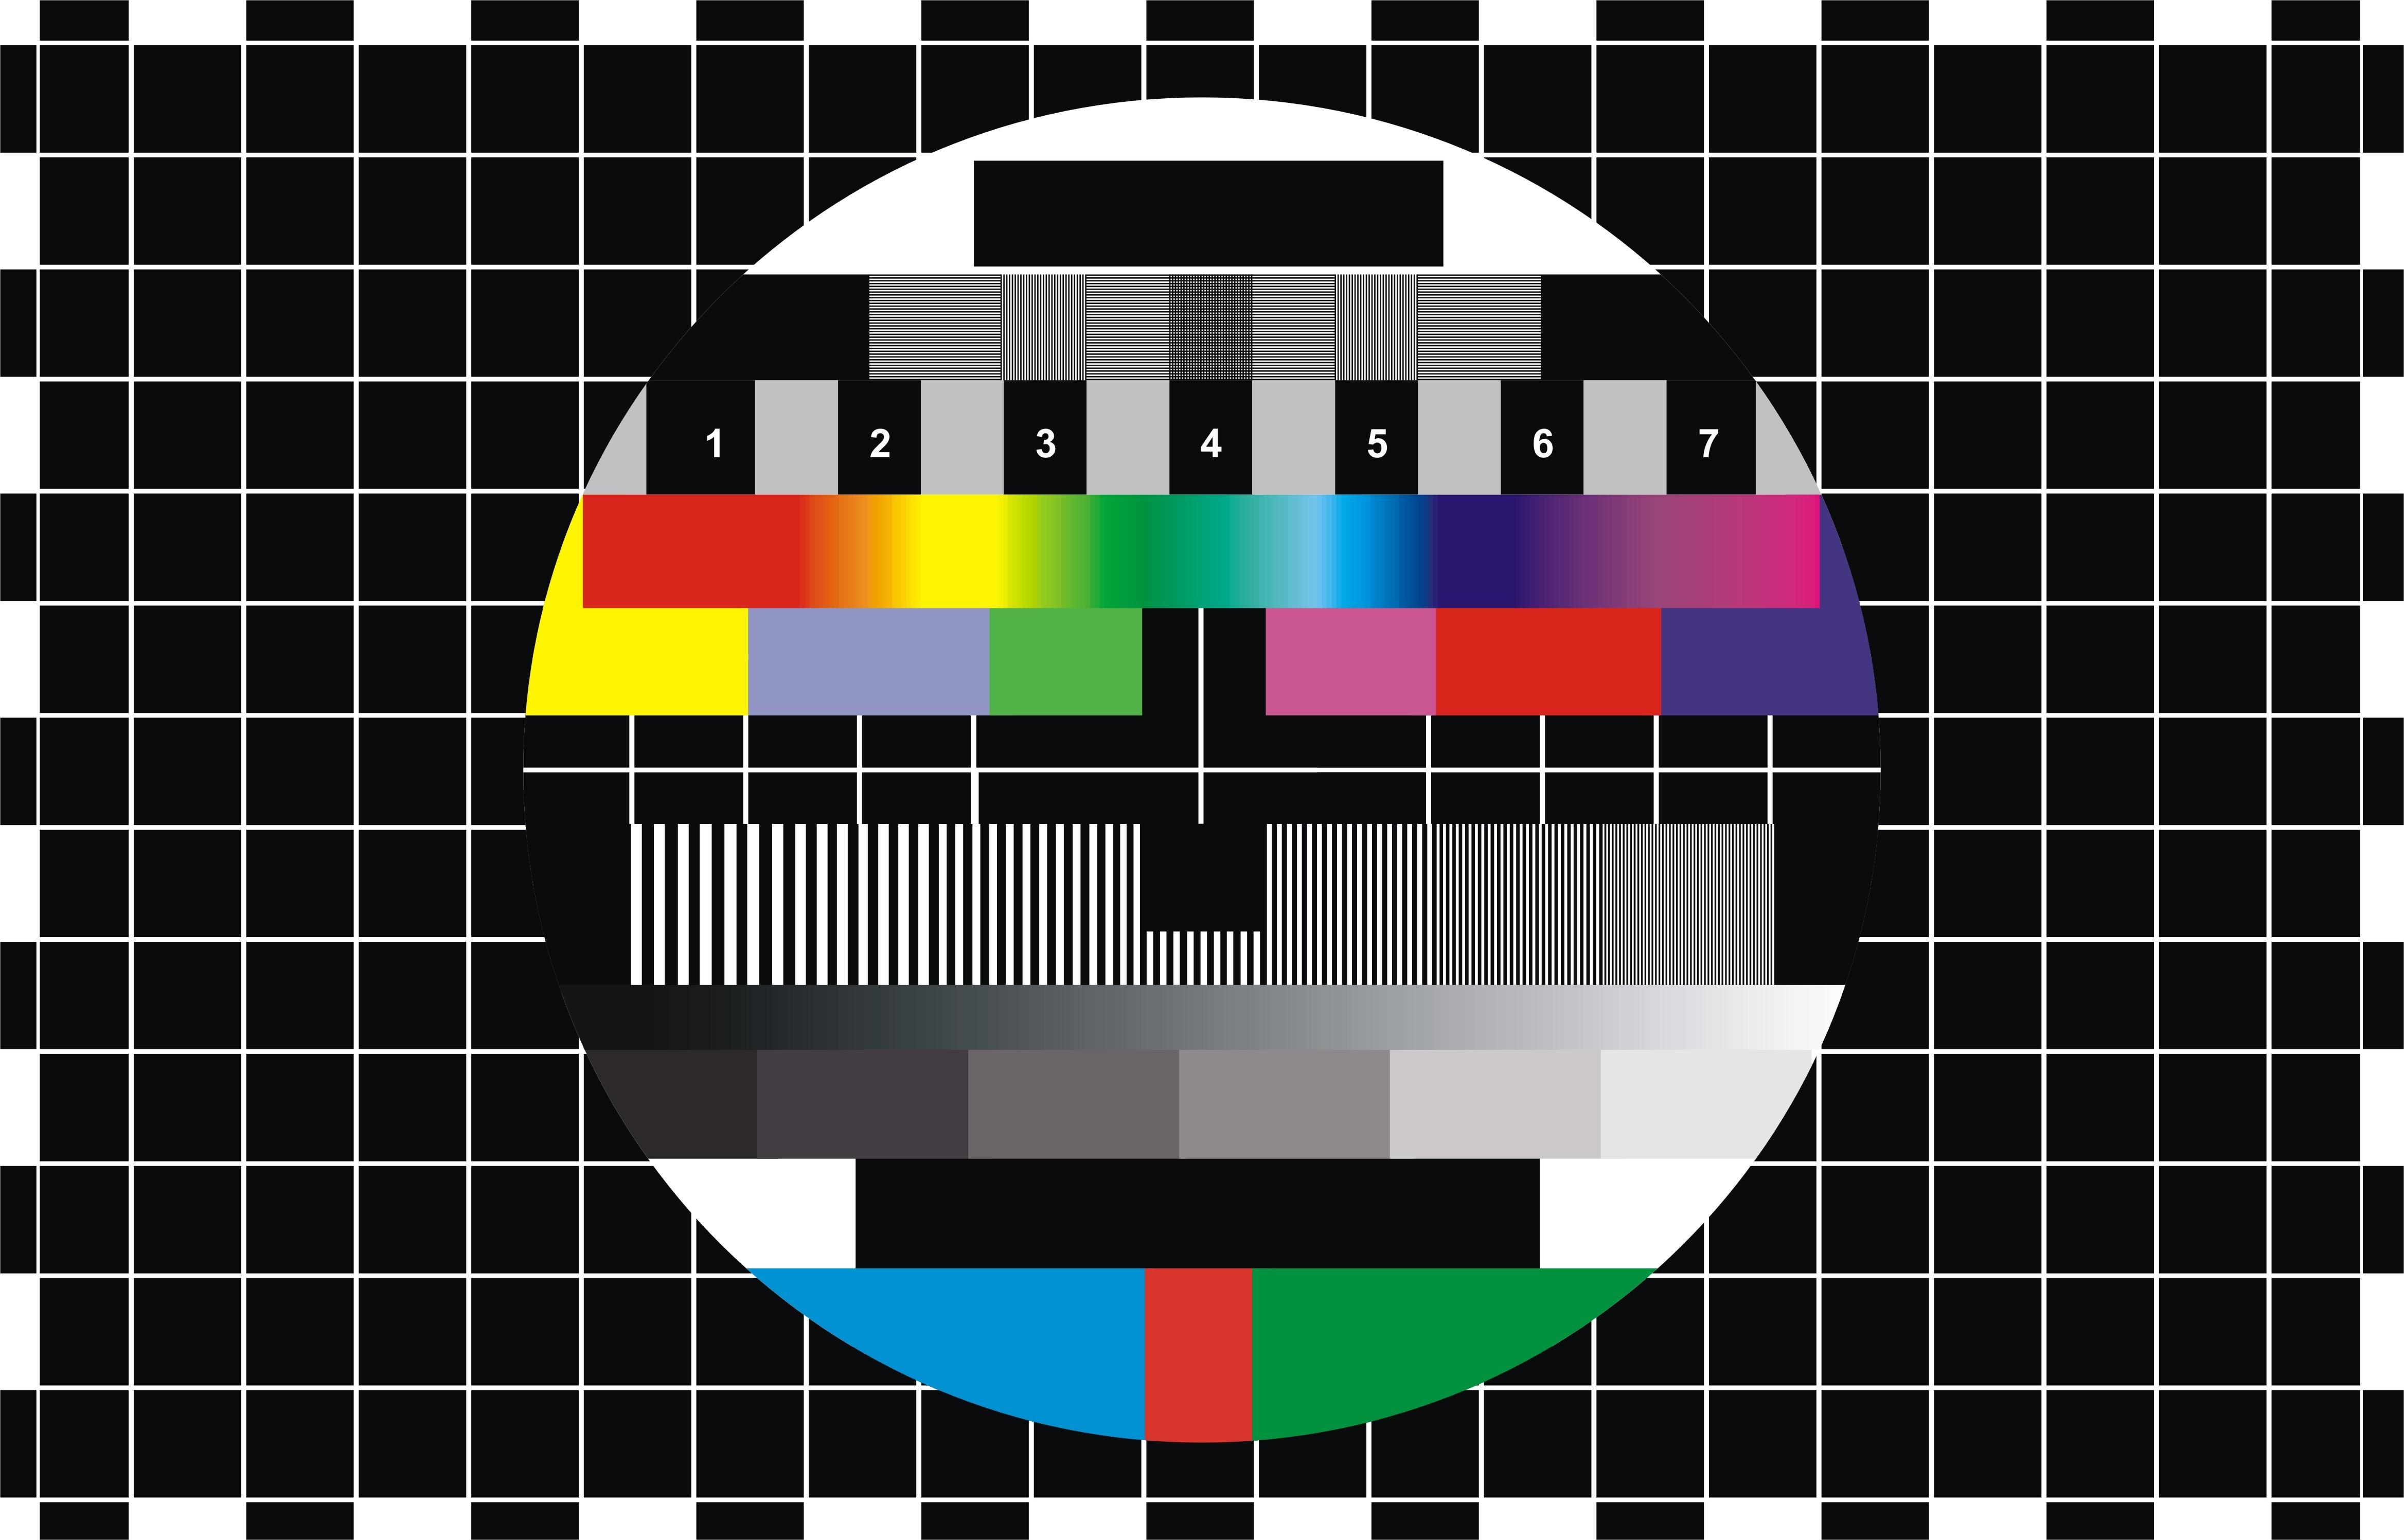 Wallpaper tv screen table colors colors rainbow screen tv 4673x2994